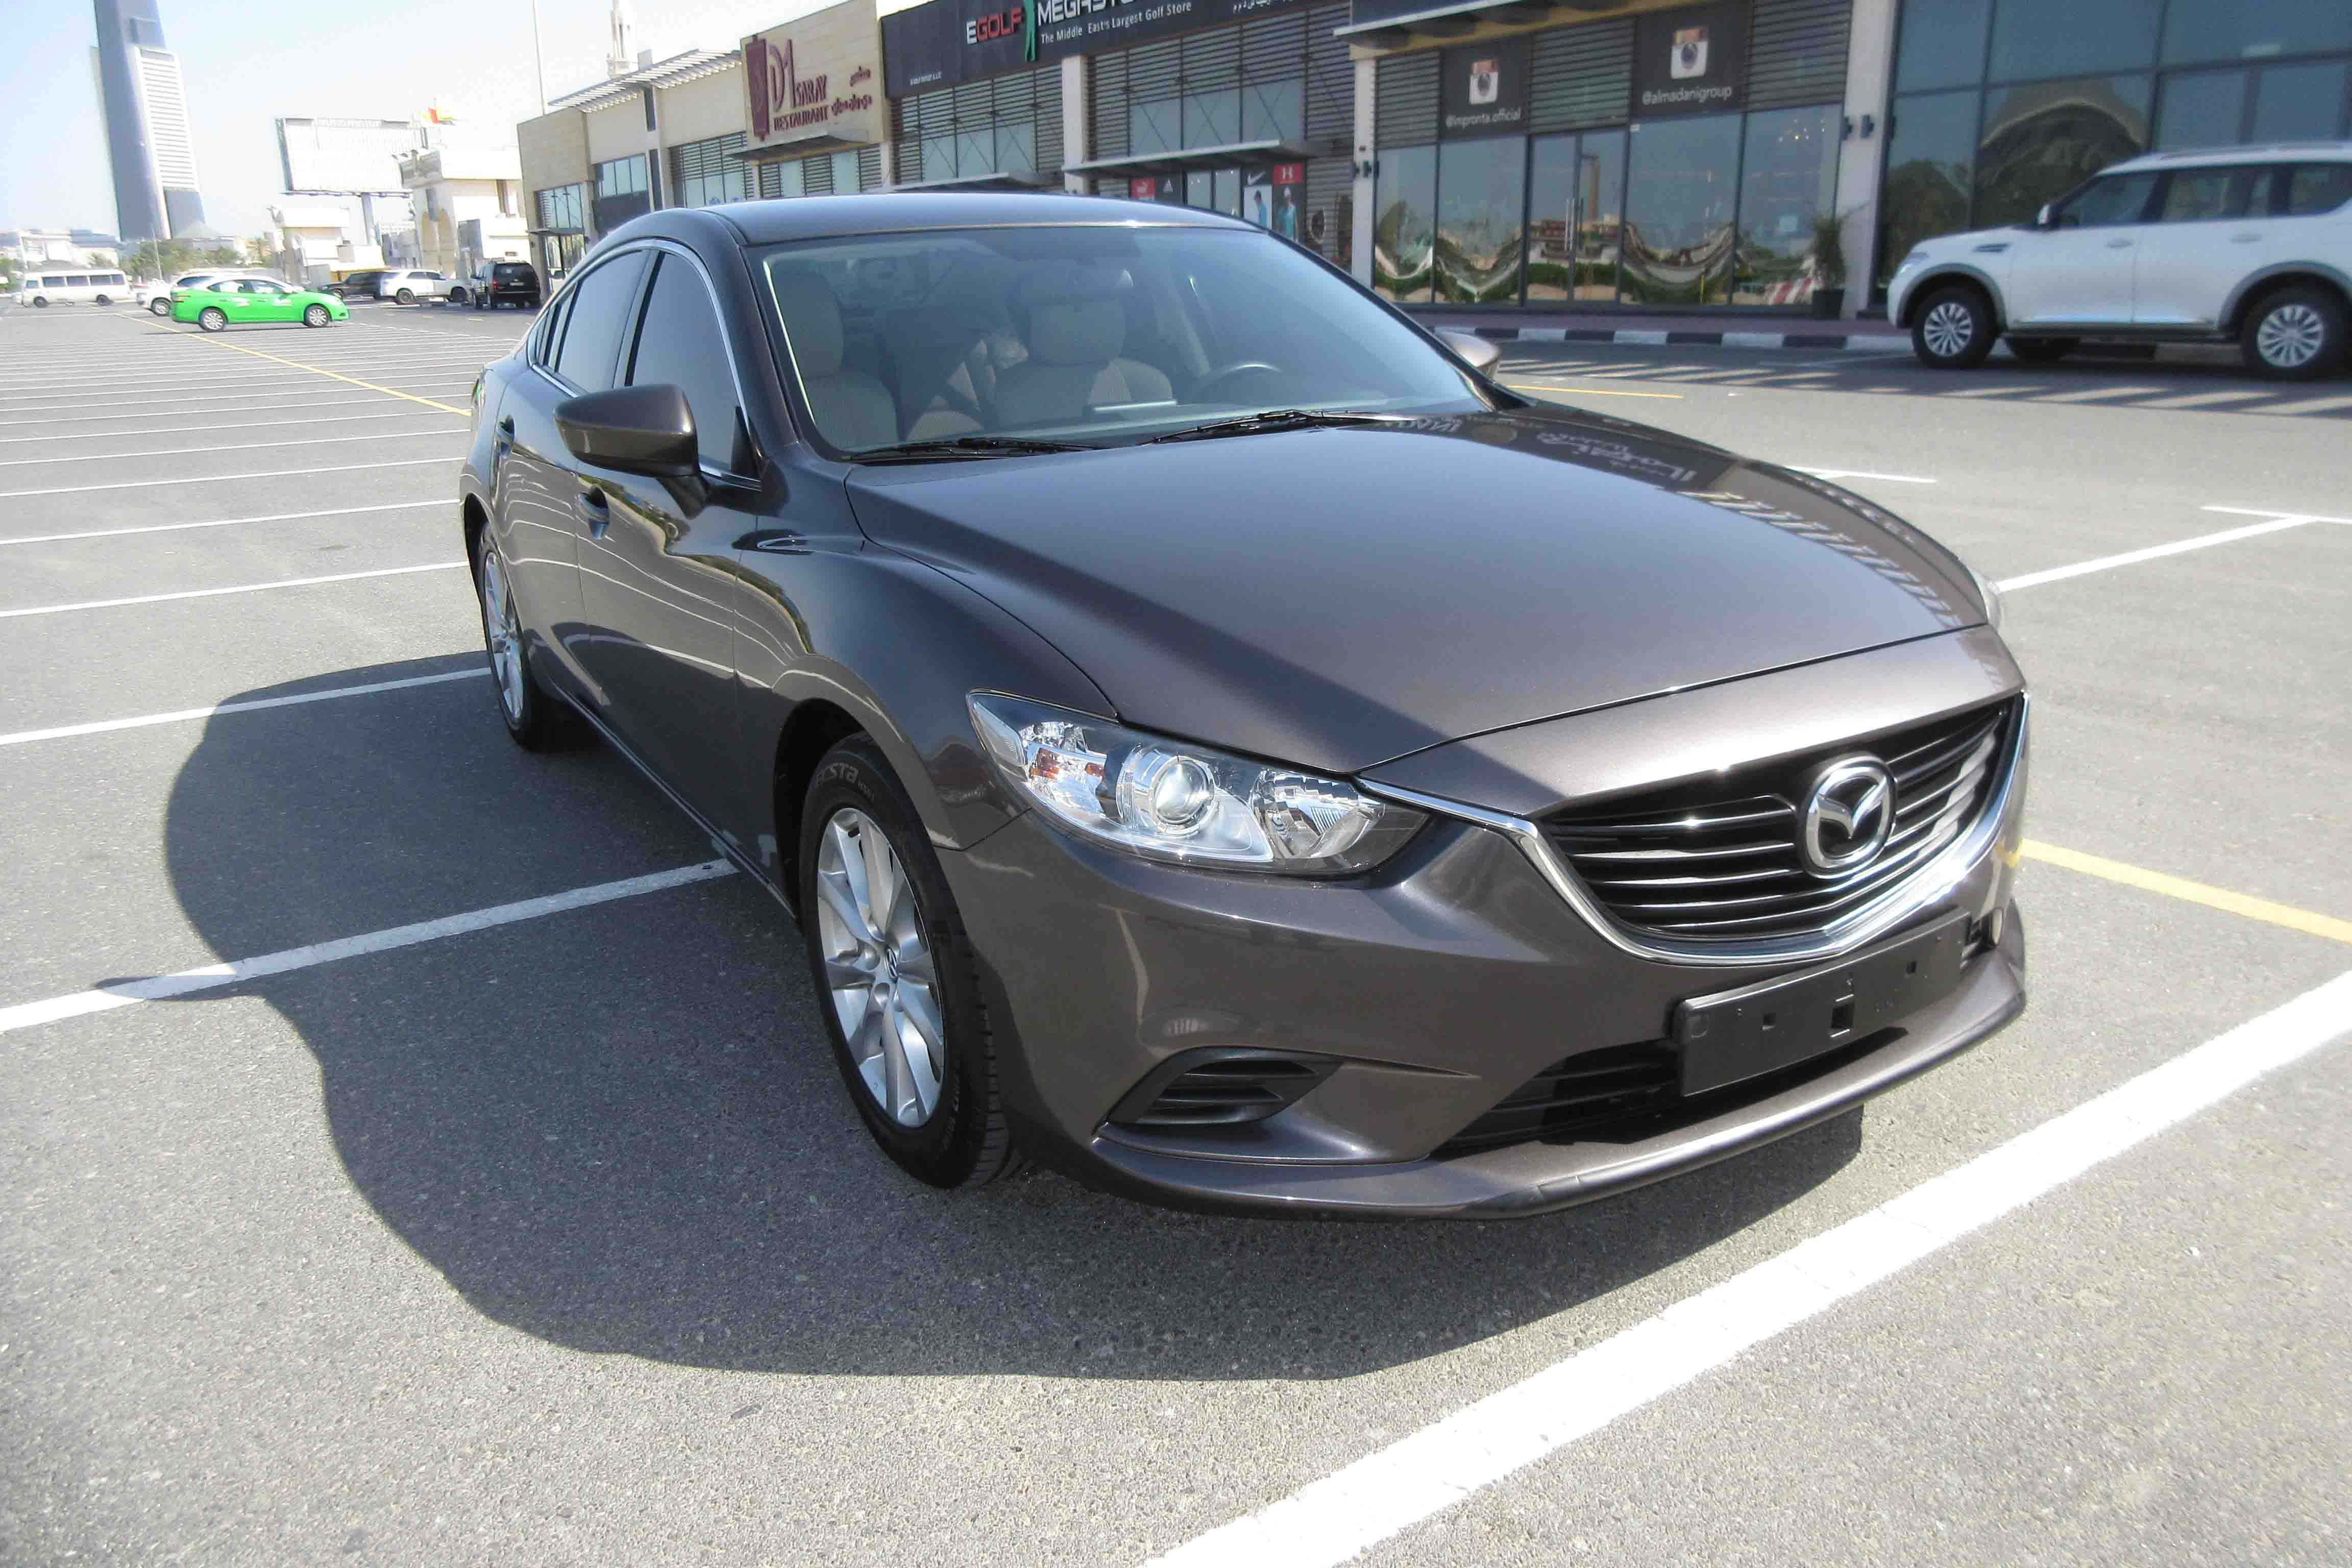 Mazda 6 2016 gray (12).JPG